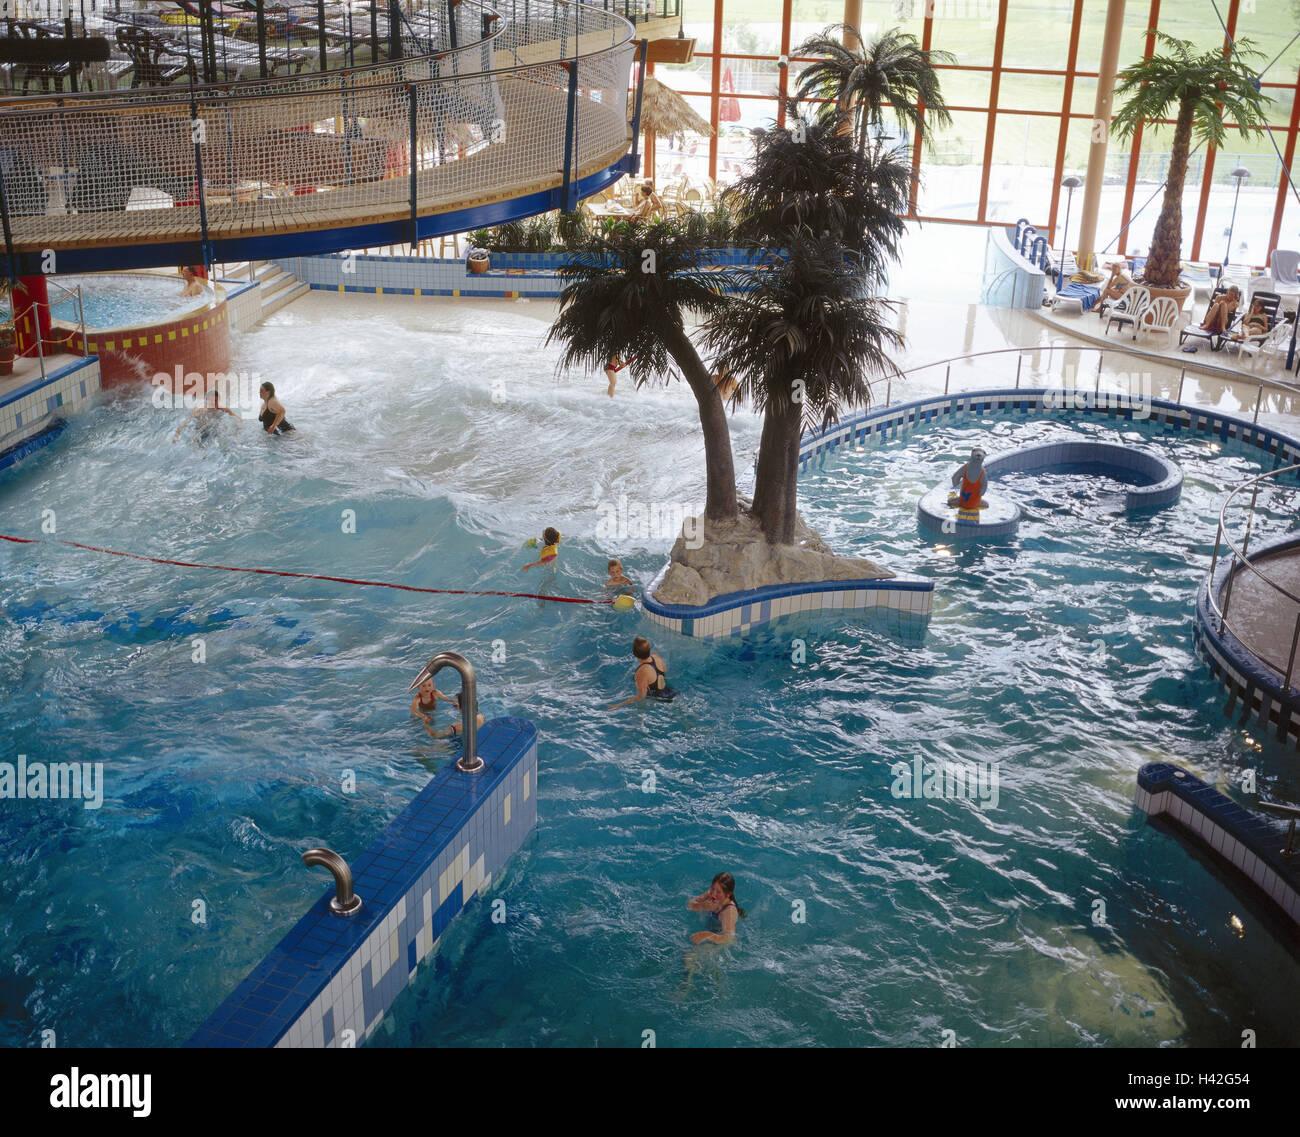 Bath bathers stockfotos bath bathers bilder seite 8 for Sonthofen schwimmbad